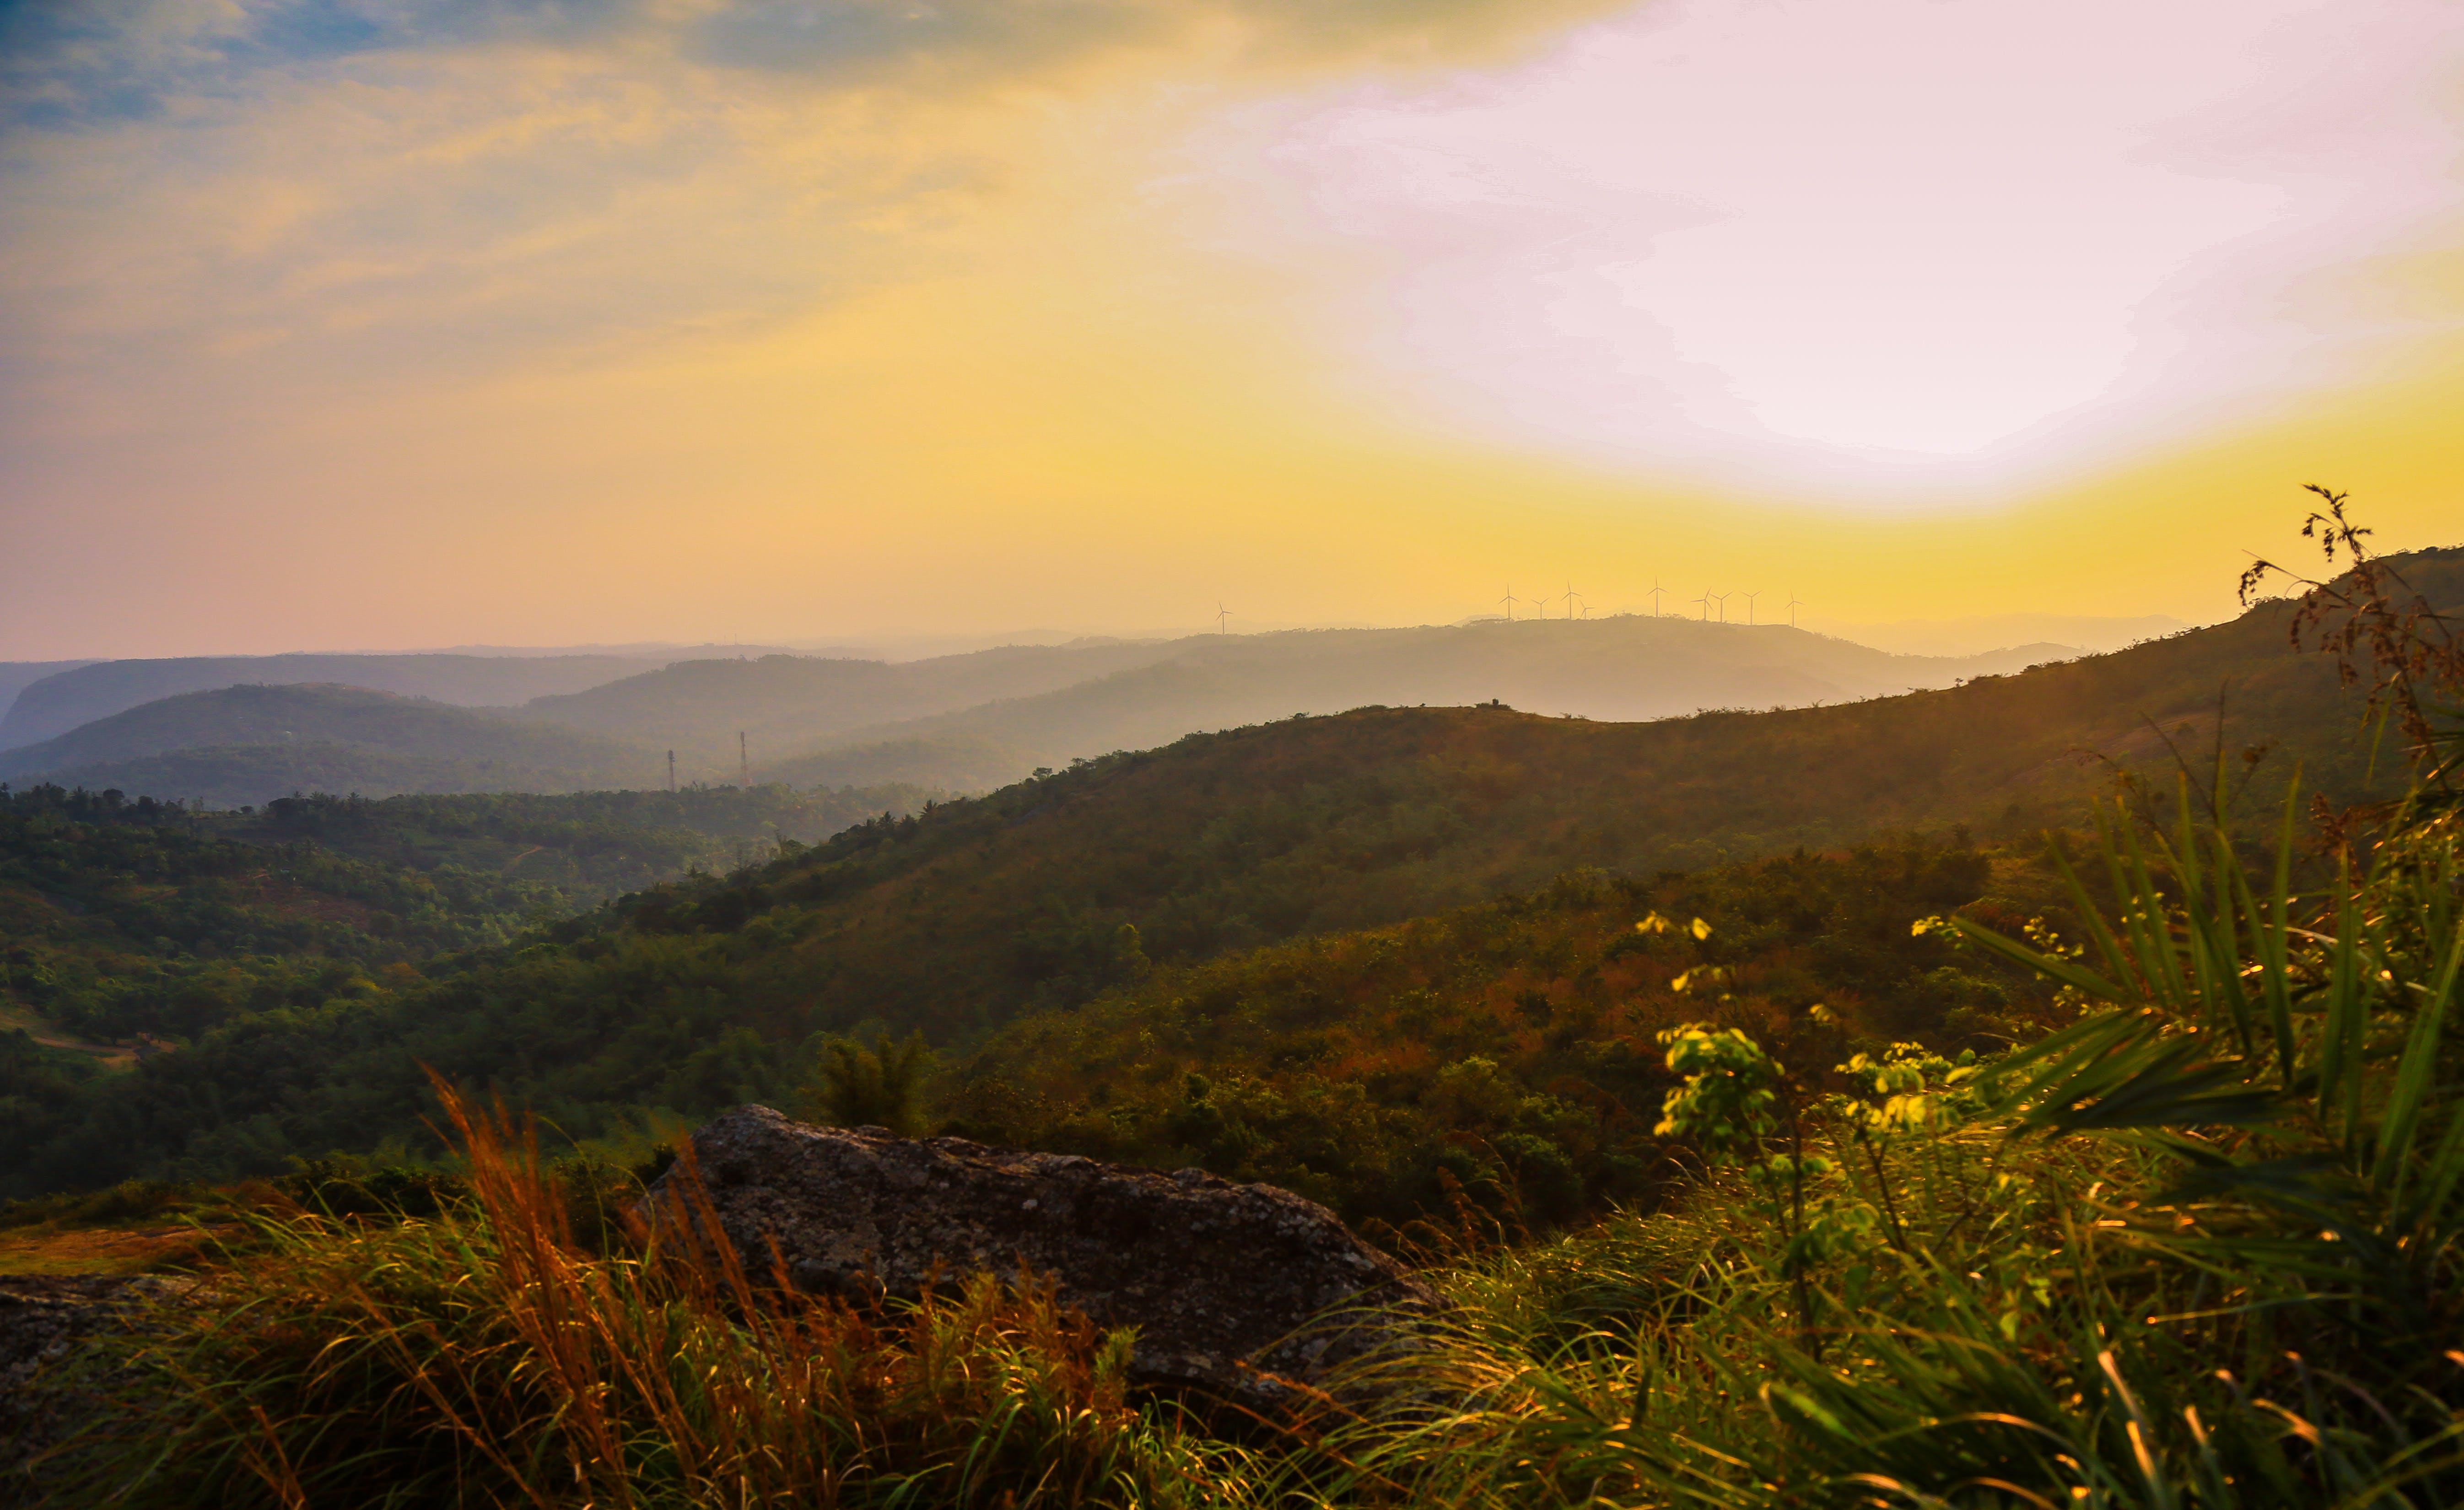 夕方, 山岳, 日没, 空の無料の写真素材